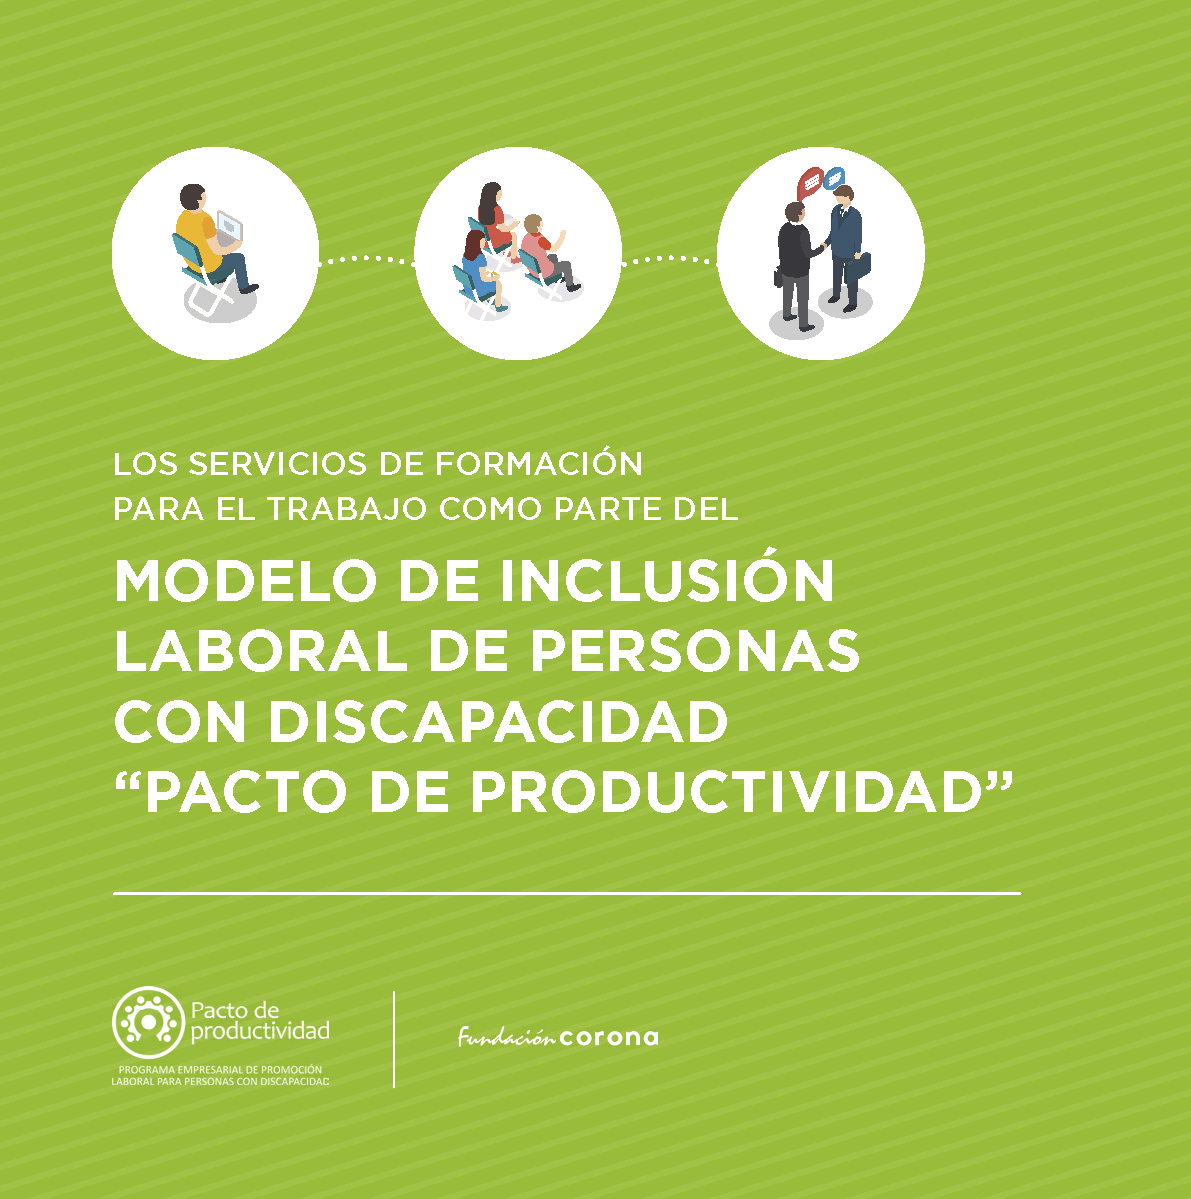 Modelo de Inclusión Laboral de Personas con Discapacidad